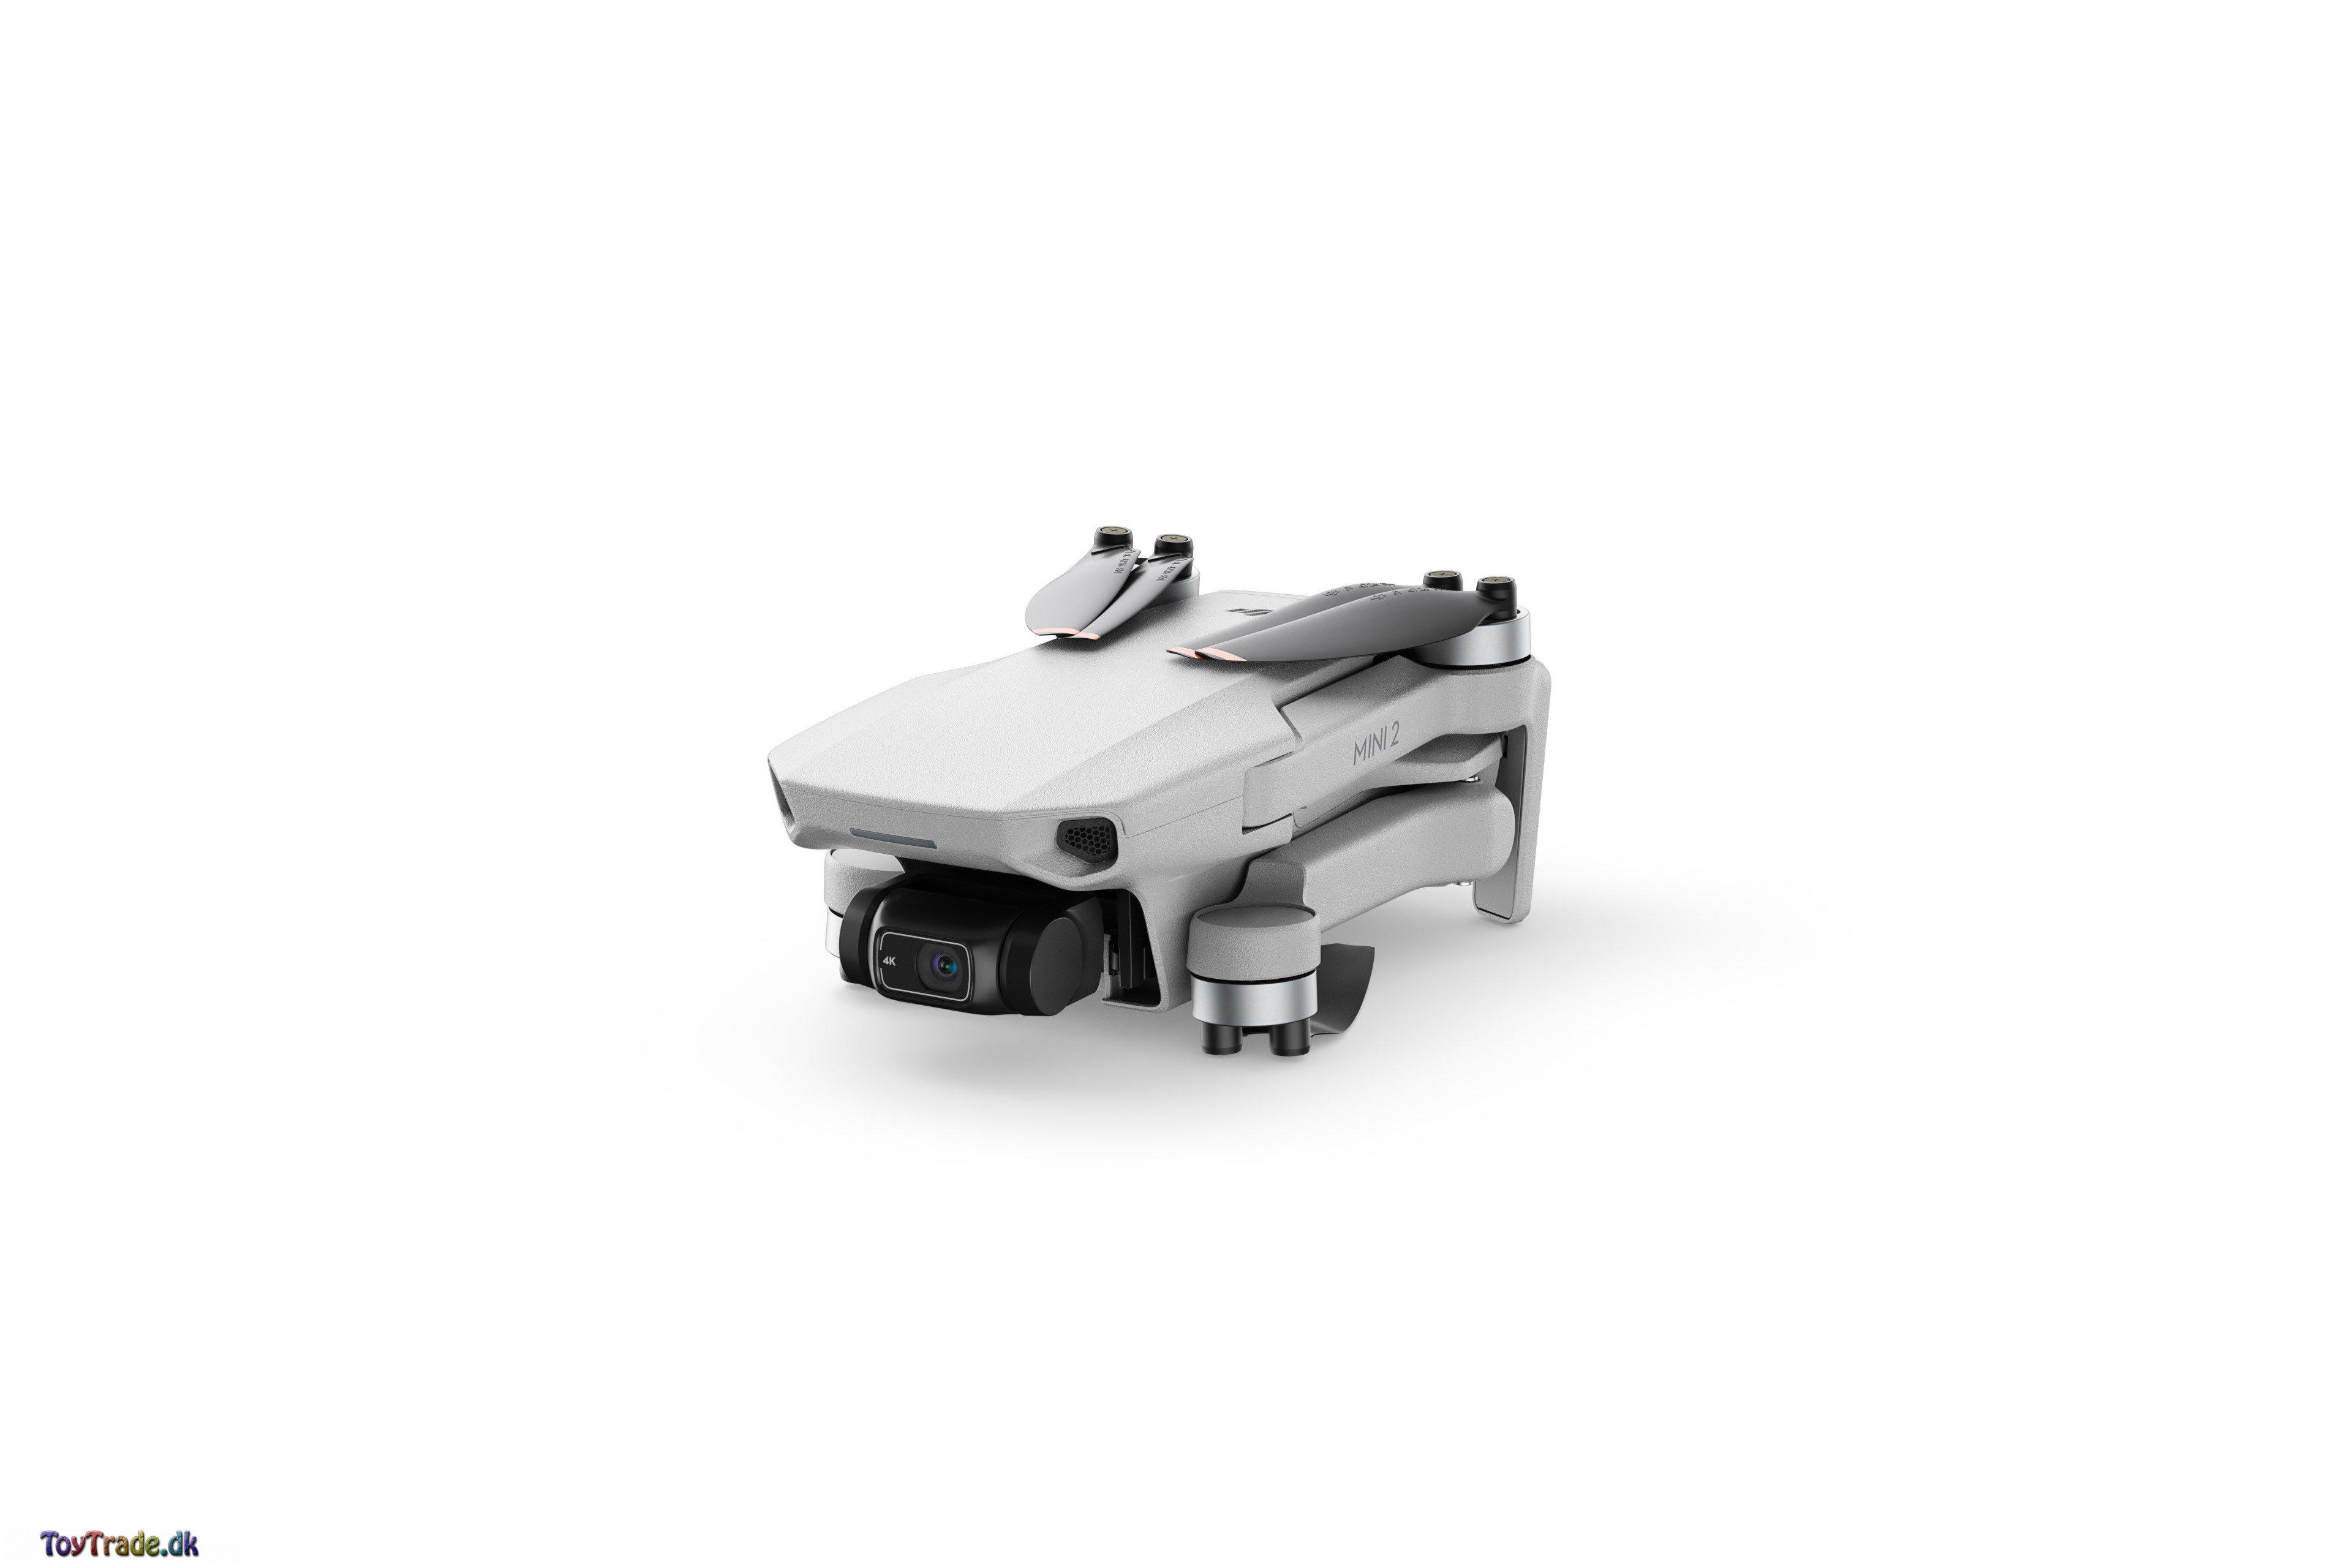 DJI Mini 2 Drone + gratis 64GB micro-SD-kort fra Sandisk